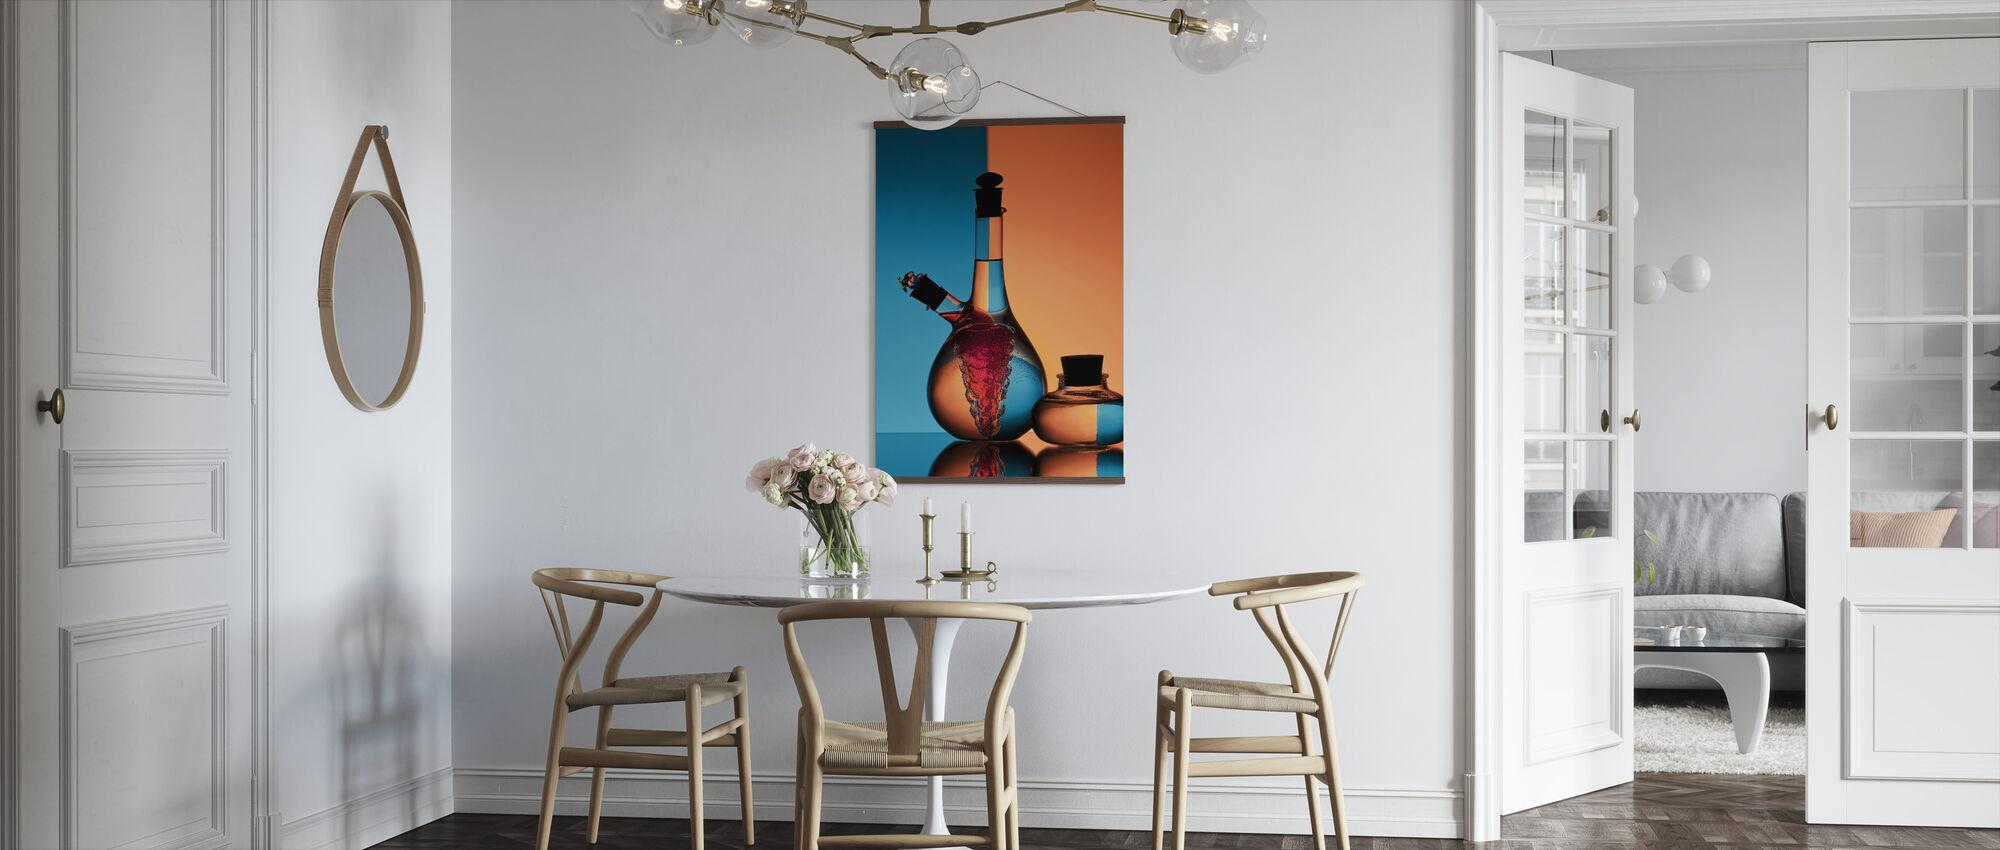 Oil & Vinegar - Poster - Kitchen